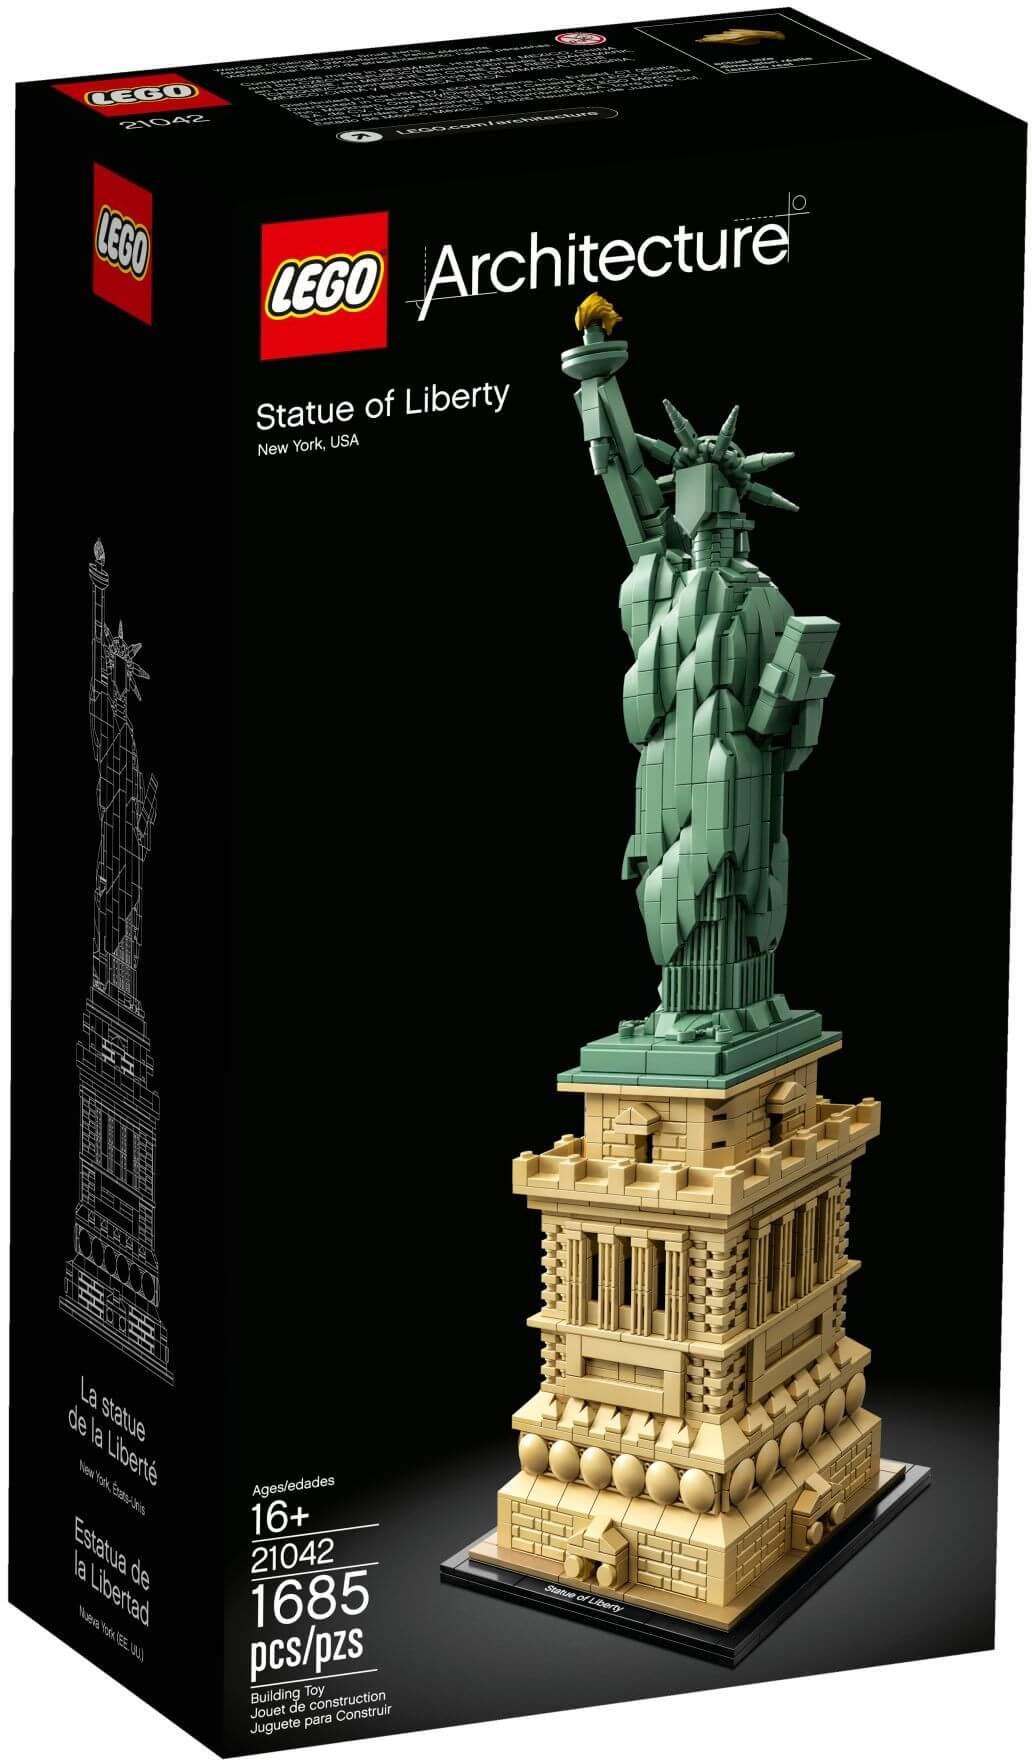 Mua đồ chơi LEGO 21042 - LEGO Architecture 21042 - Tượng Nữ Thần Tự Do (LEGO 21042 Statue of Liberty)